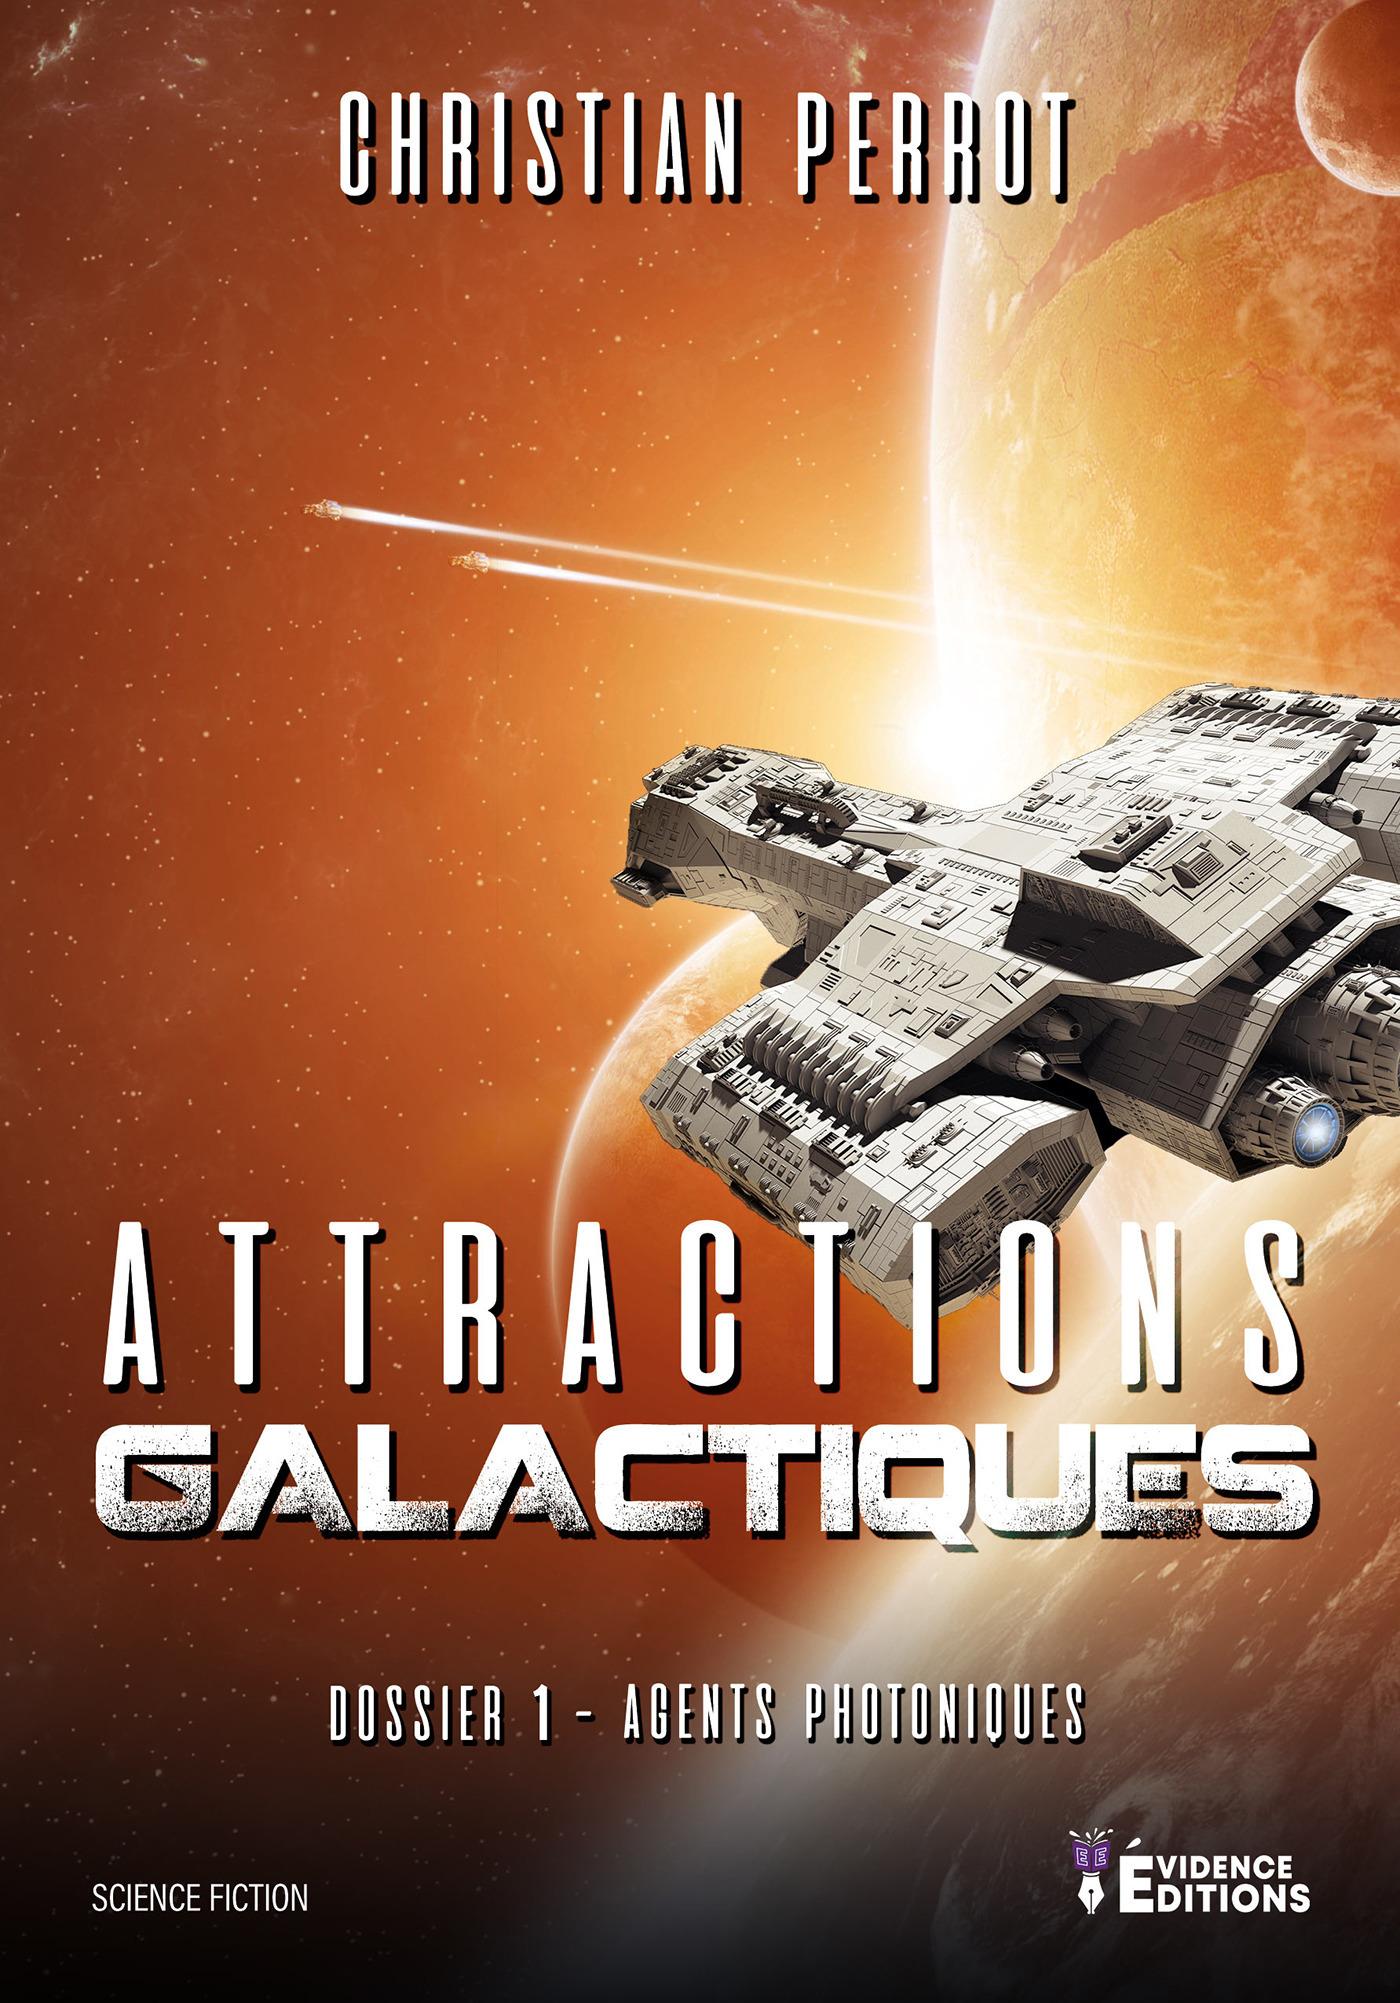 Agents photoniques - t01 - agents photoniques dossier 1 - attractions galactiques